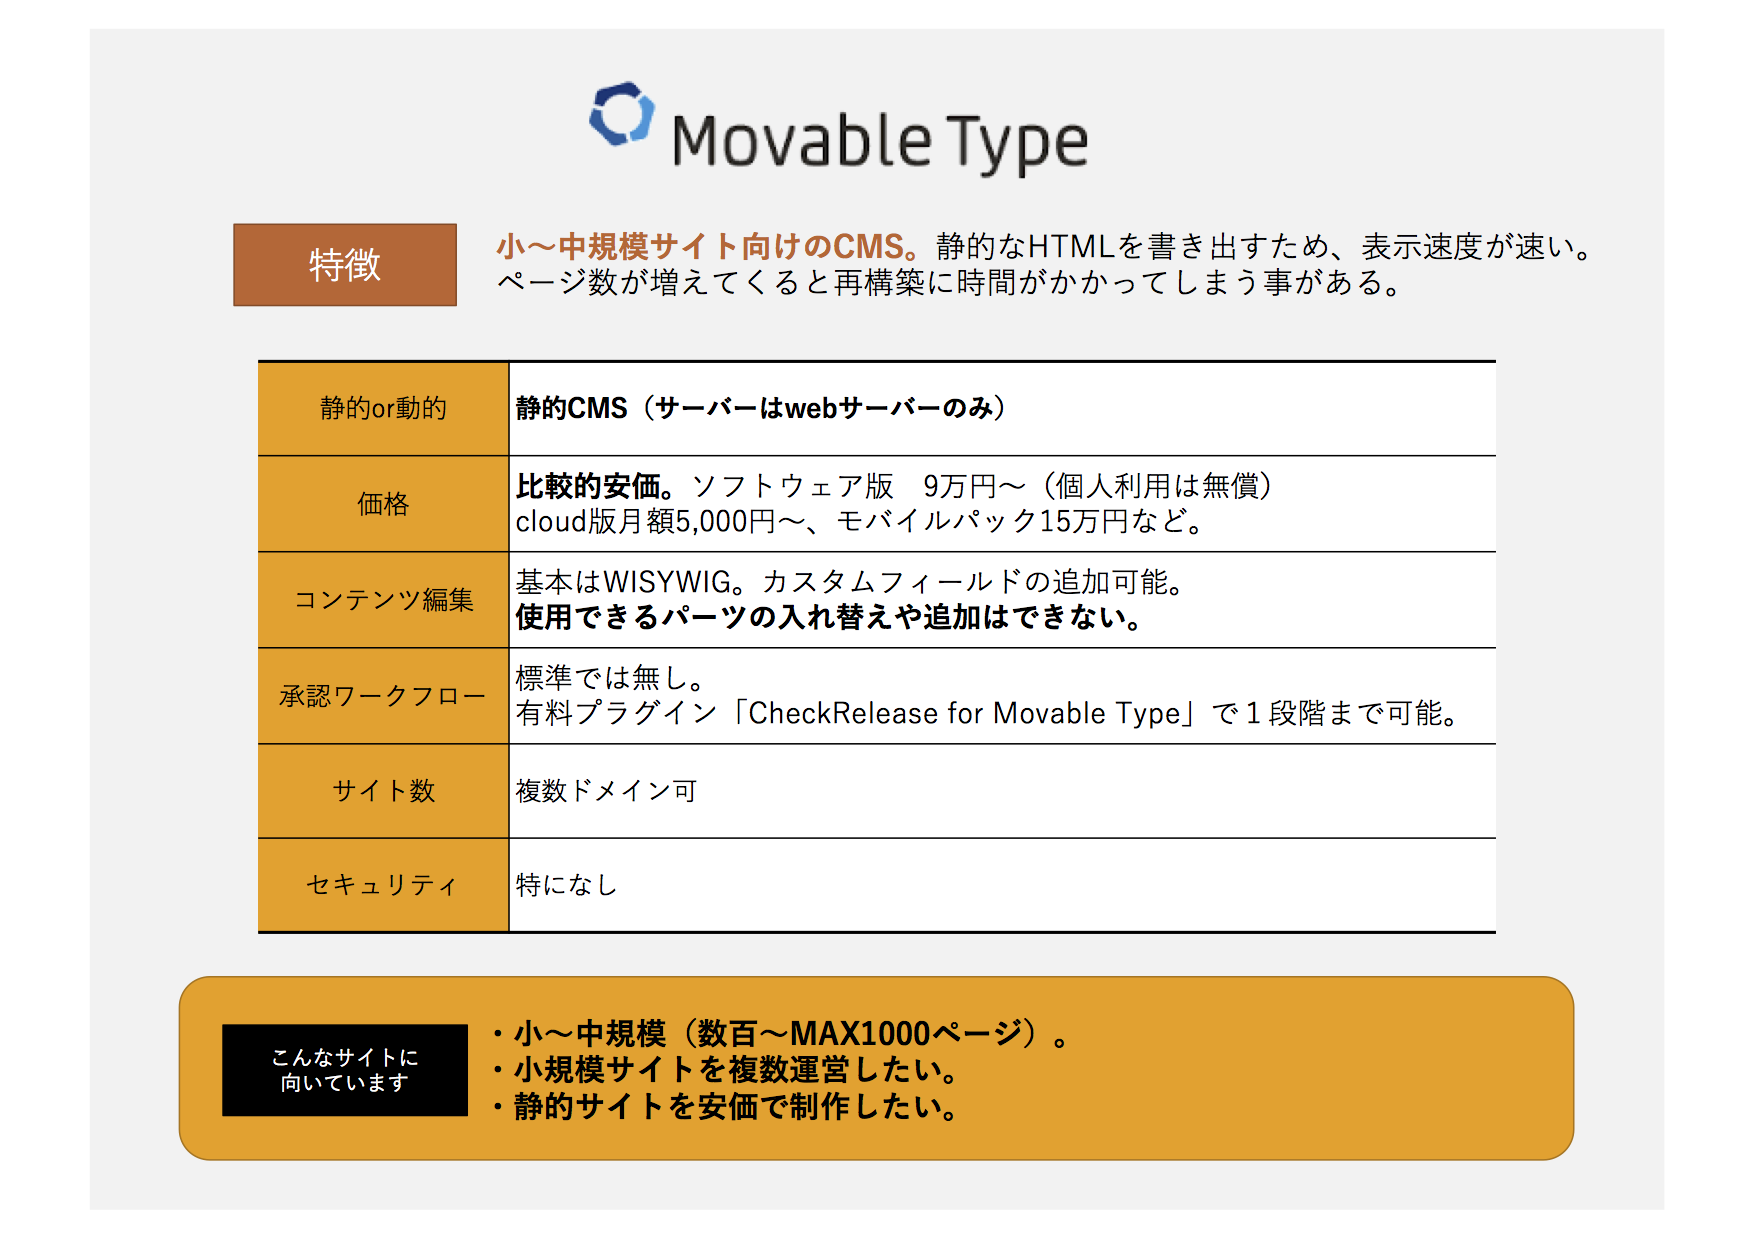 Movable Typeの特徴まとめ